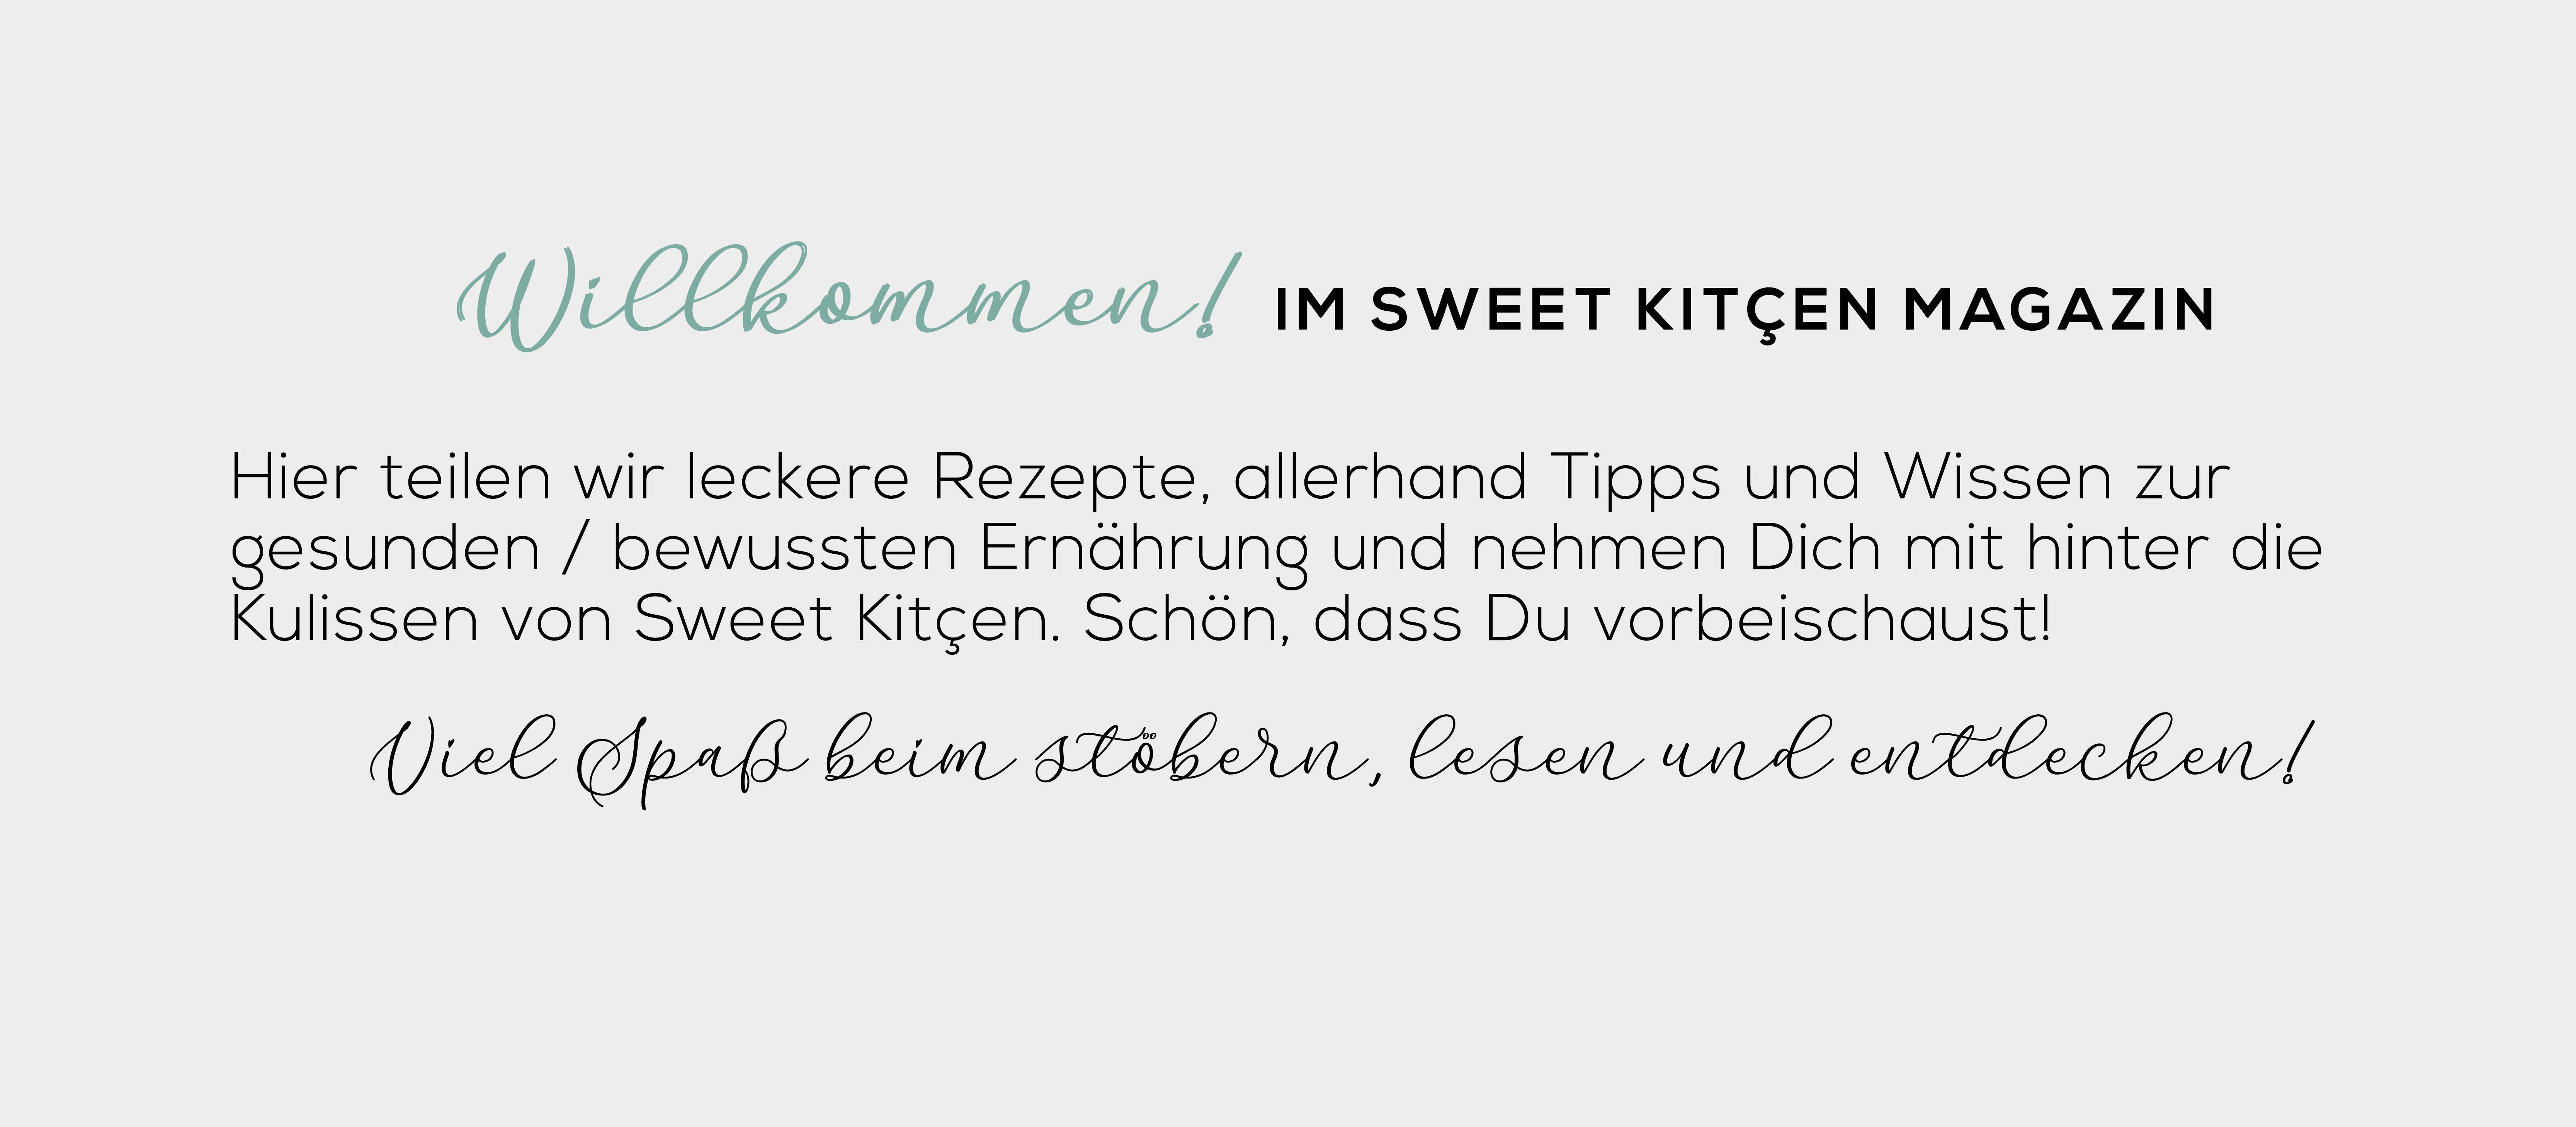 Willkommen im Blog von Sweet Kitçen - Hier teilen wir leckere, leichte Rezepte, Tipps und Wissen zur gesunden bzw. bewussten Ernährung und nehmen Dich mit hinter die Kulissen unsere Backstube für kalorienarmes, kohlenhydratreduziertes und zuckerfreies Gebäck.  Schön, dass Du vorbeischaust!